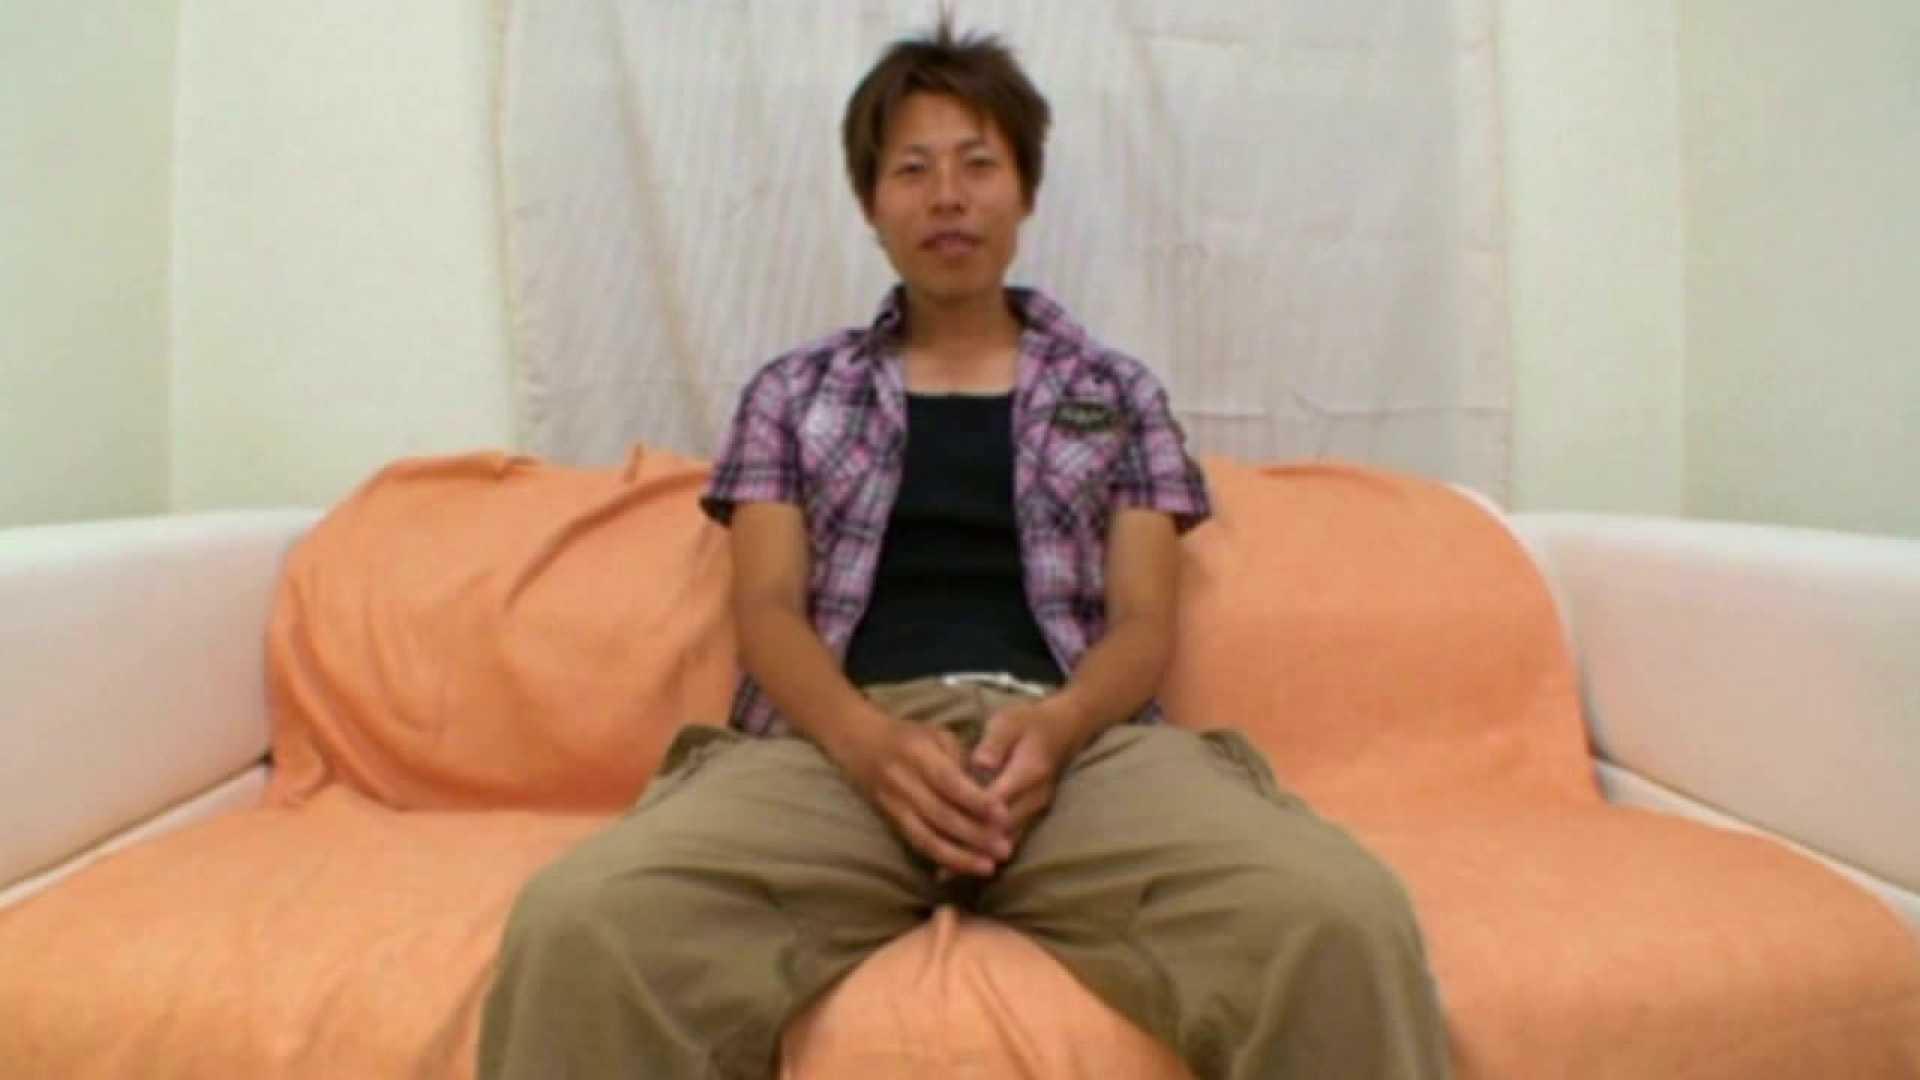 ノンケ!自慰スタジオ No.10 自慰シーン エロビデオ紹介 103枚 41